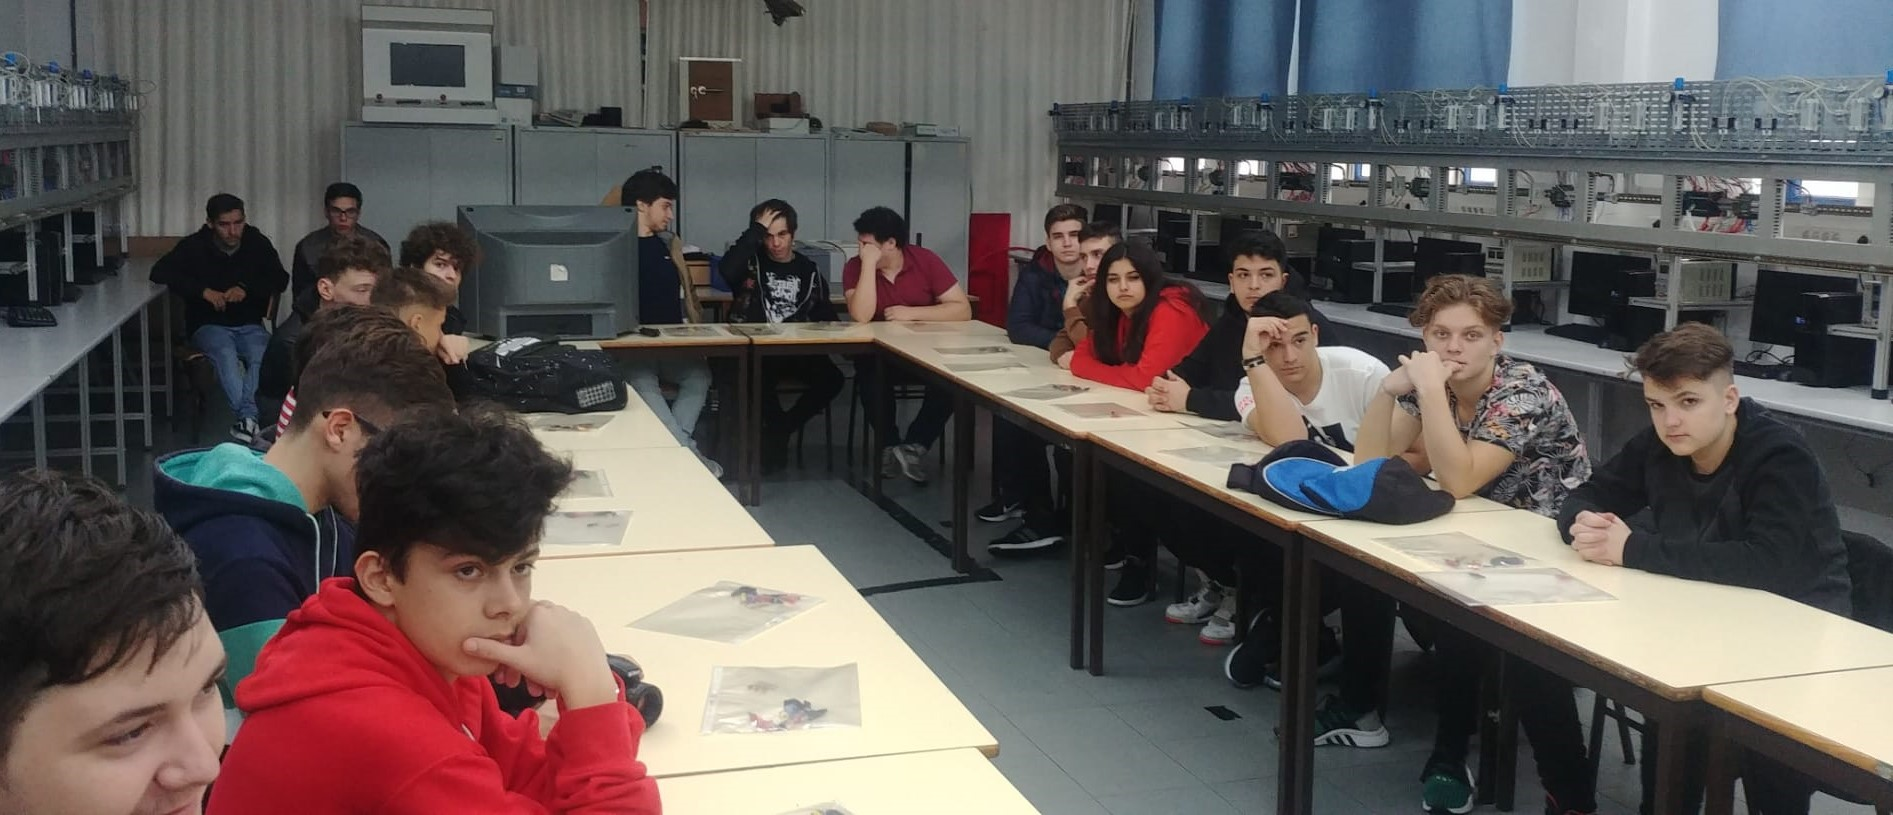 CIOR acolhe estudantes estagiários da Roménia